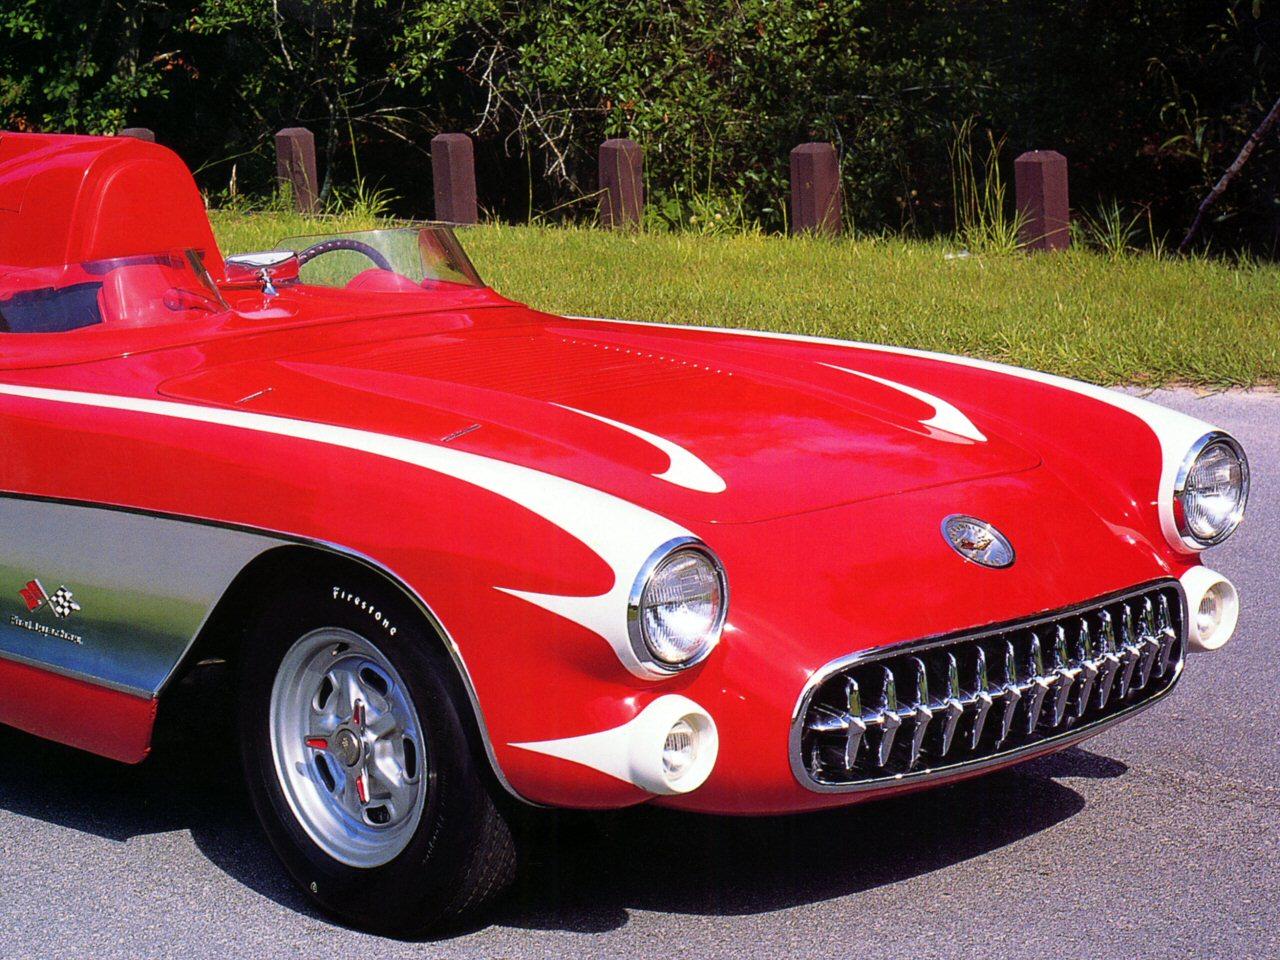 1956 Chevrolet Corvette SR 2 Race Car Red Fvr Clip